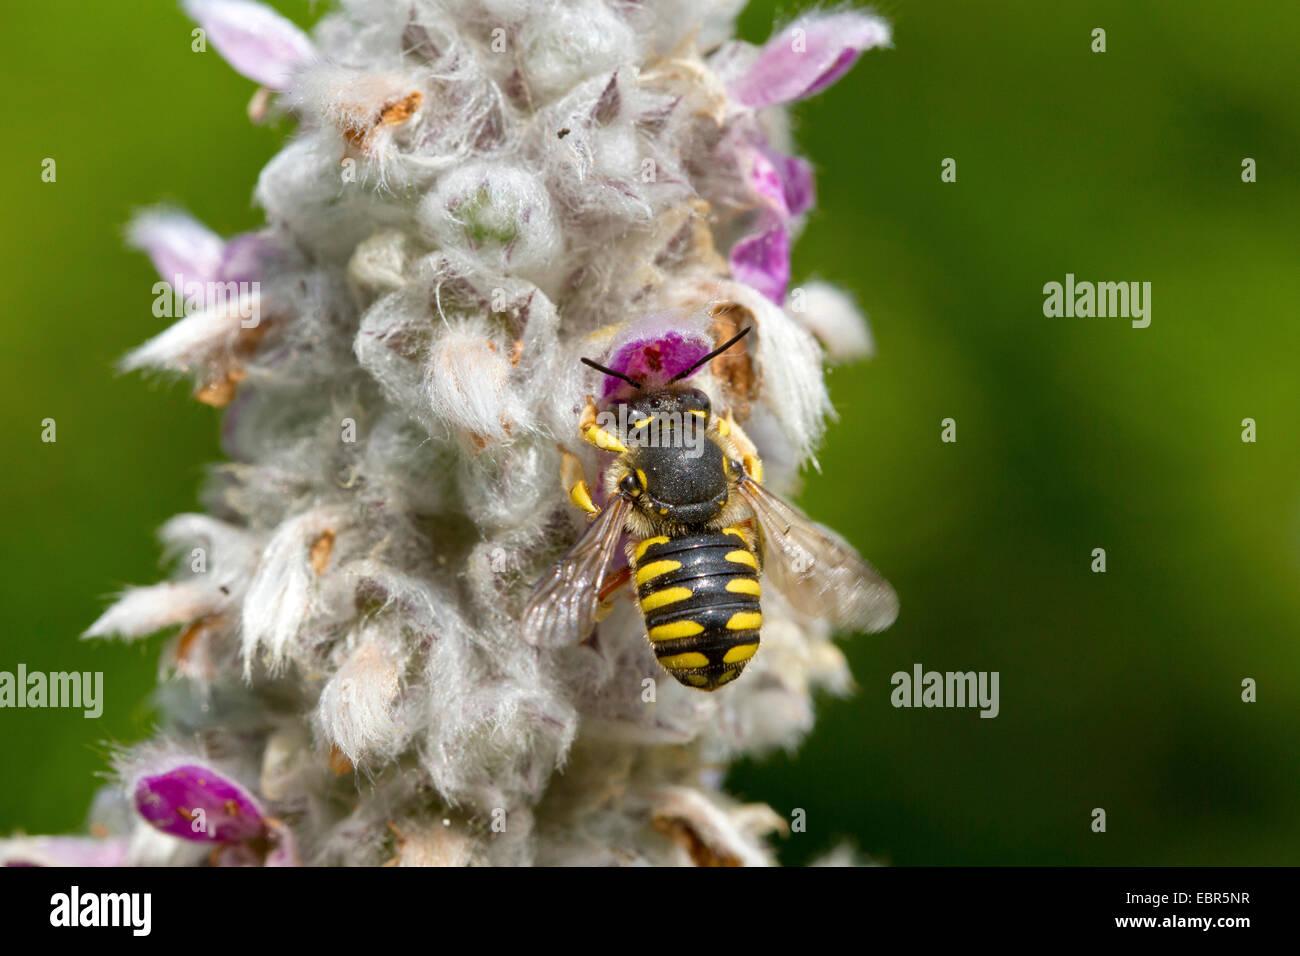 wool carder bee (Anthidium manicatum), female at Stachys byzantina, Germany - Stock Image